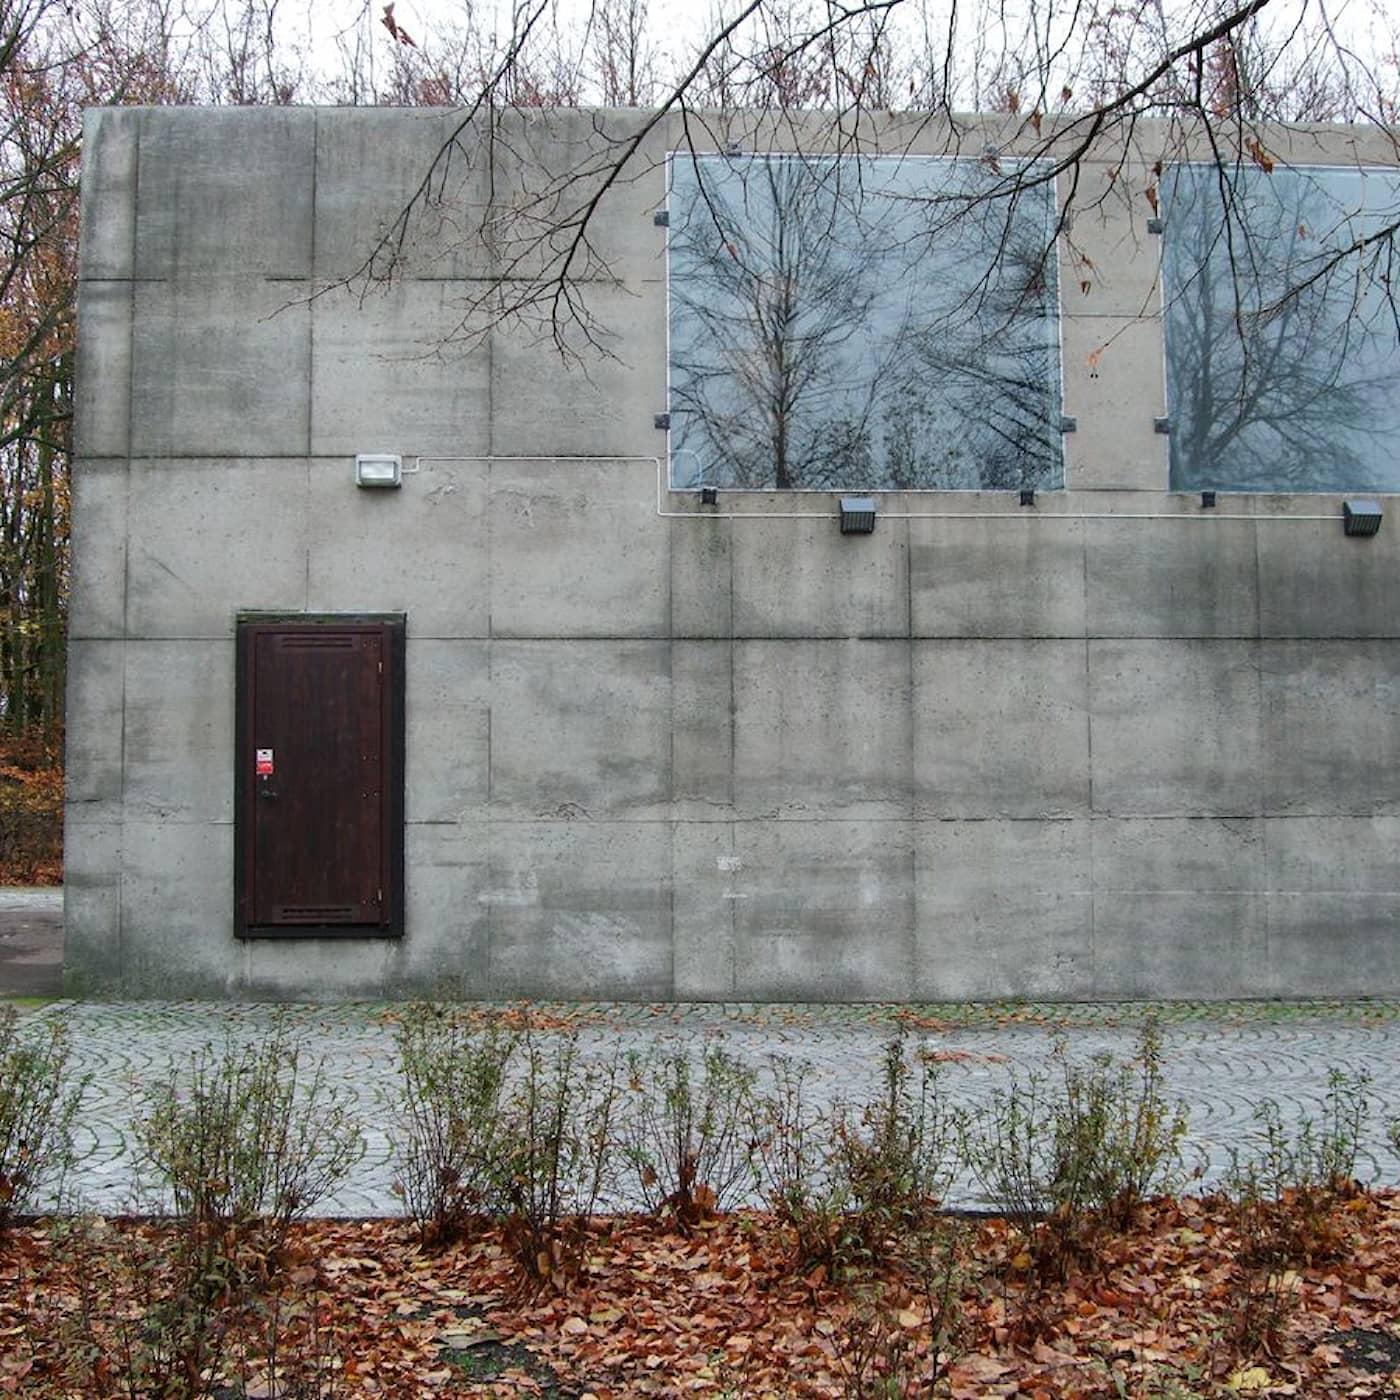 Blomsterkiosken av Sigurd Lewerentz – brutal betong i Malmö